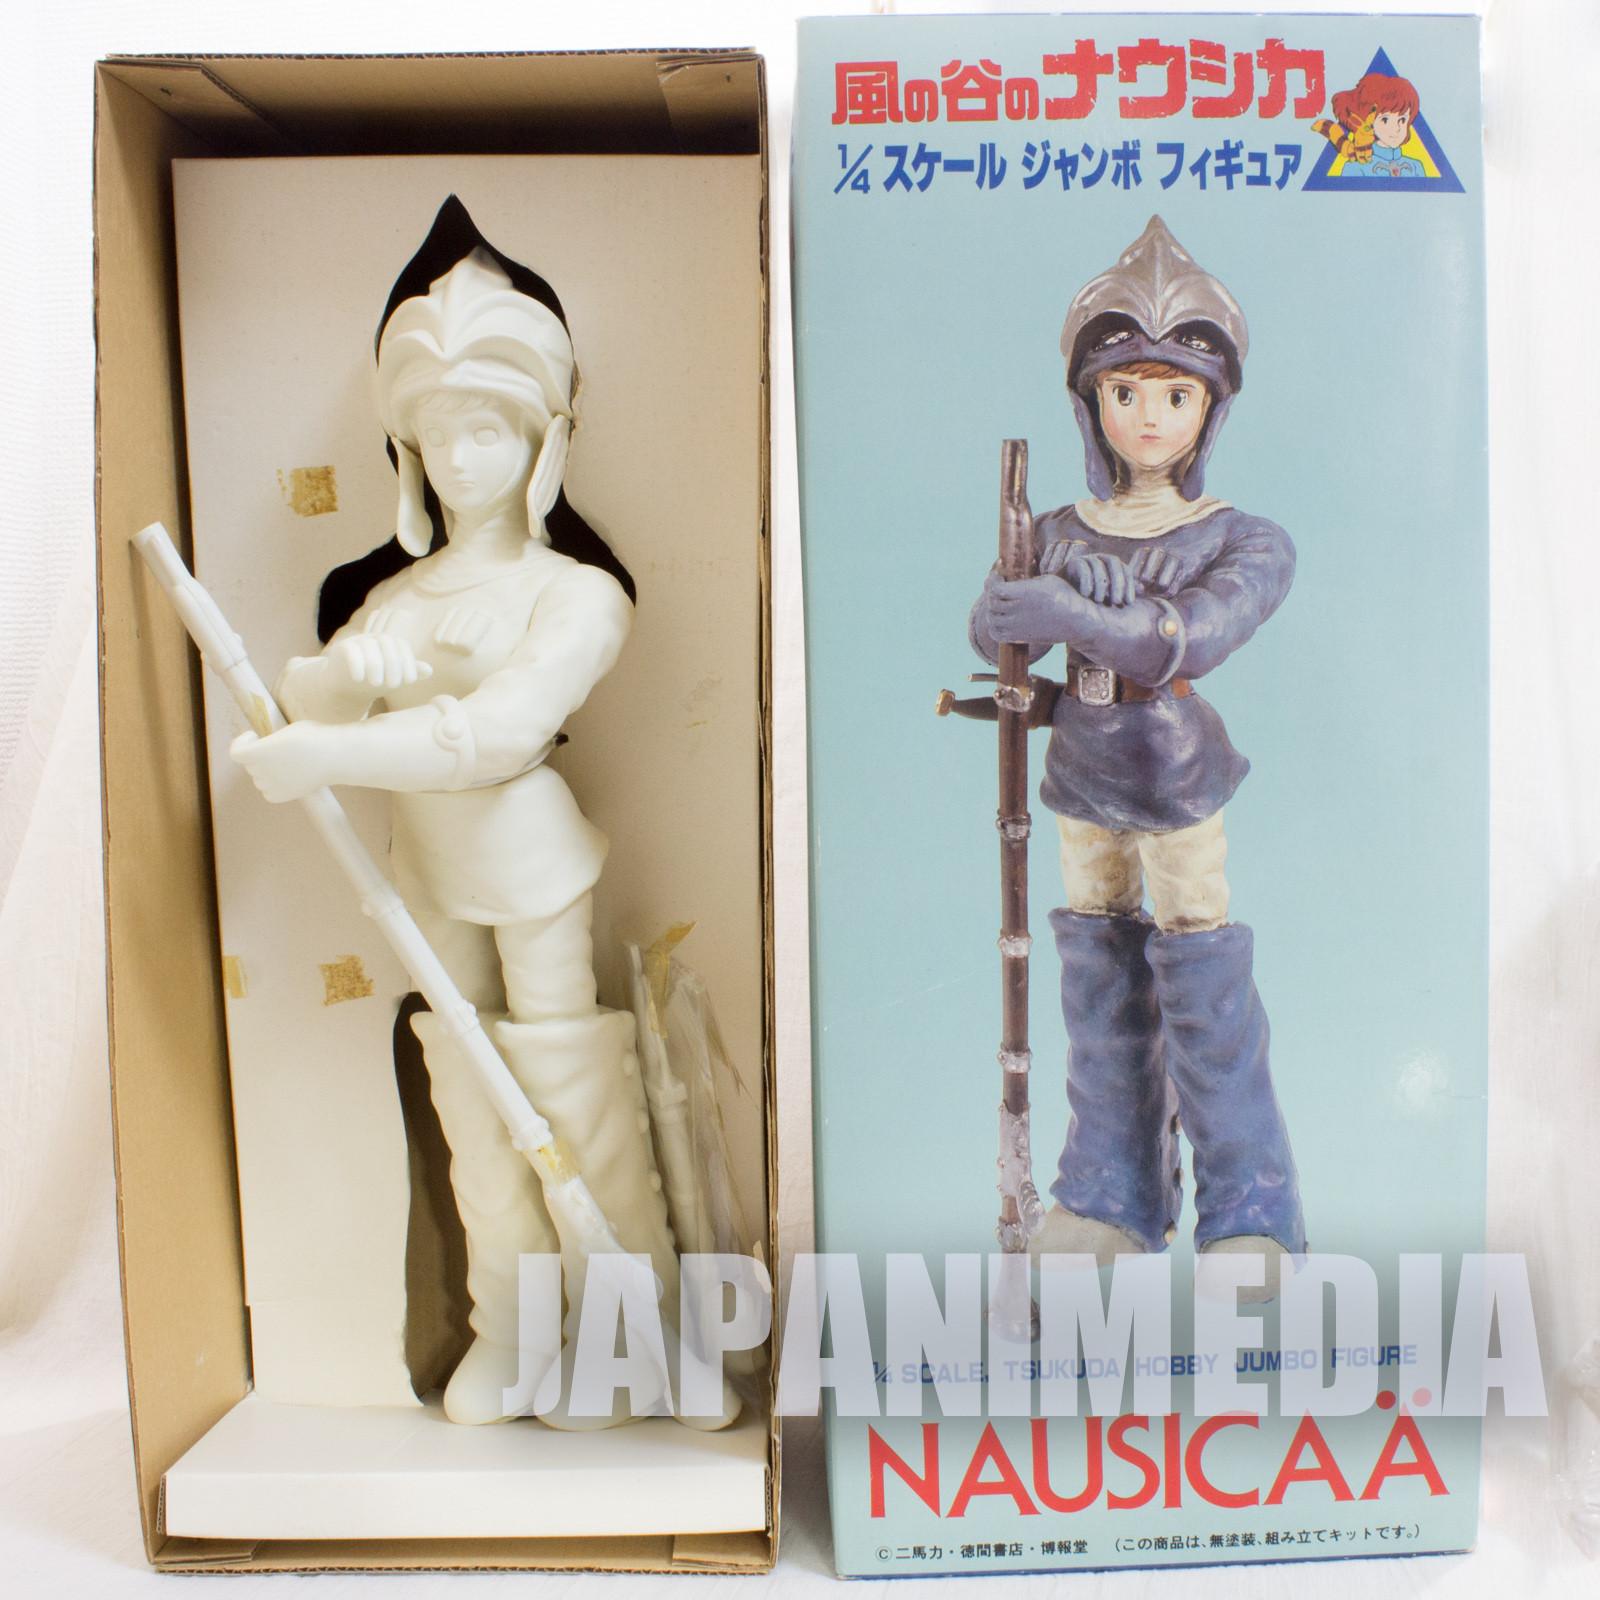 Nausicaa of the Valley of the Wind 1/4 Jumbo Model Kit Figure Tsukuda Ghibli